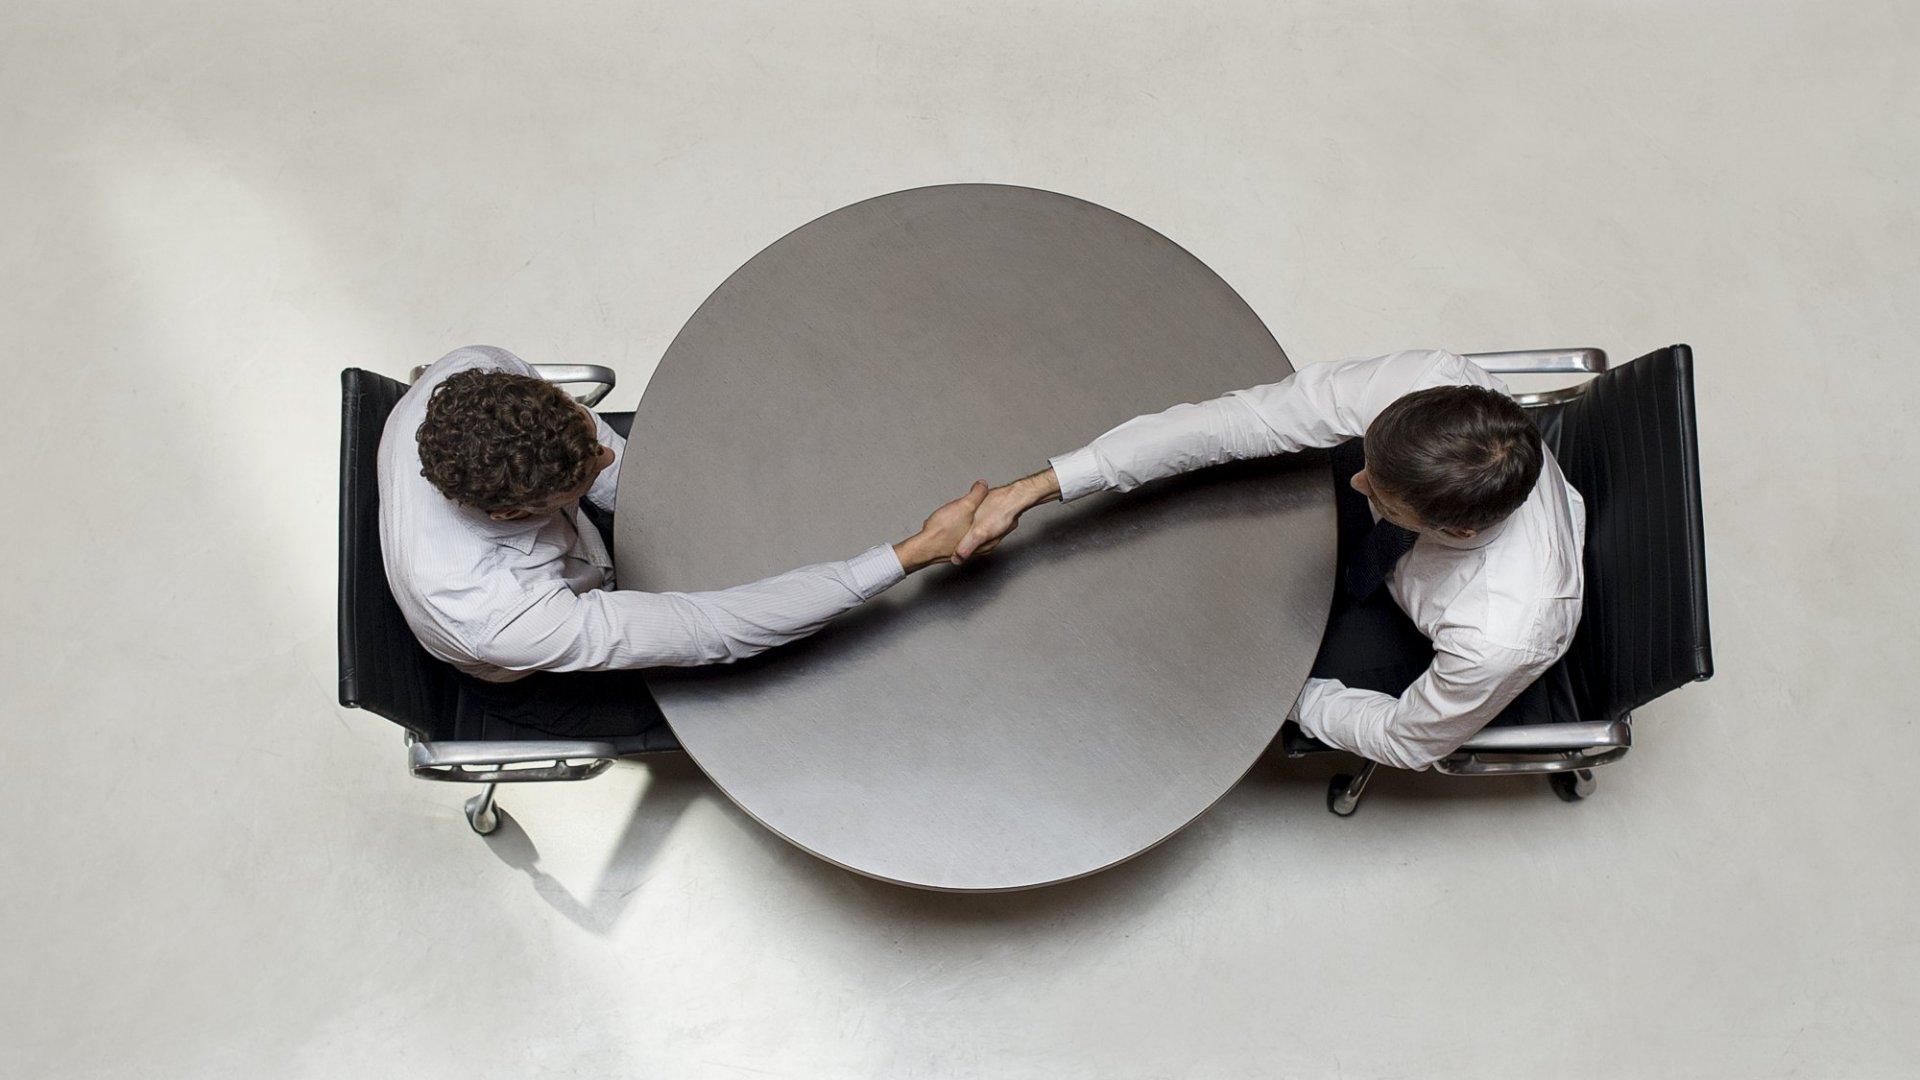 Want to Be a Better Job Interviewer? Start Mirroring